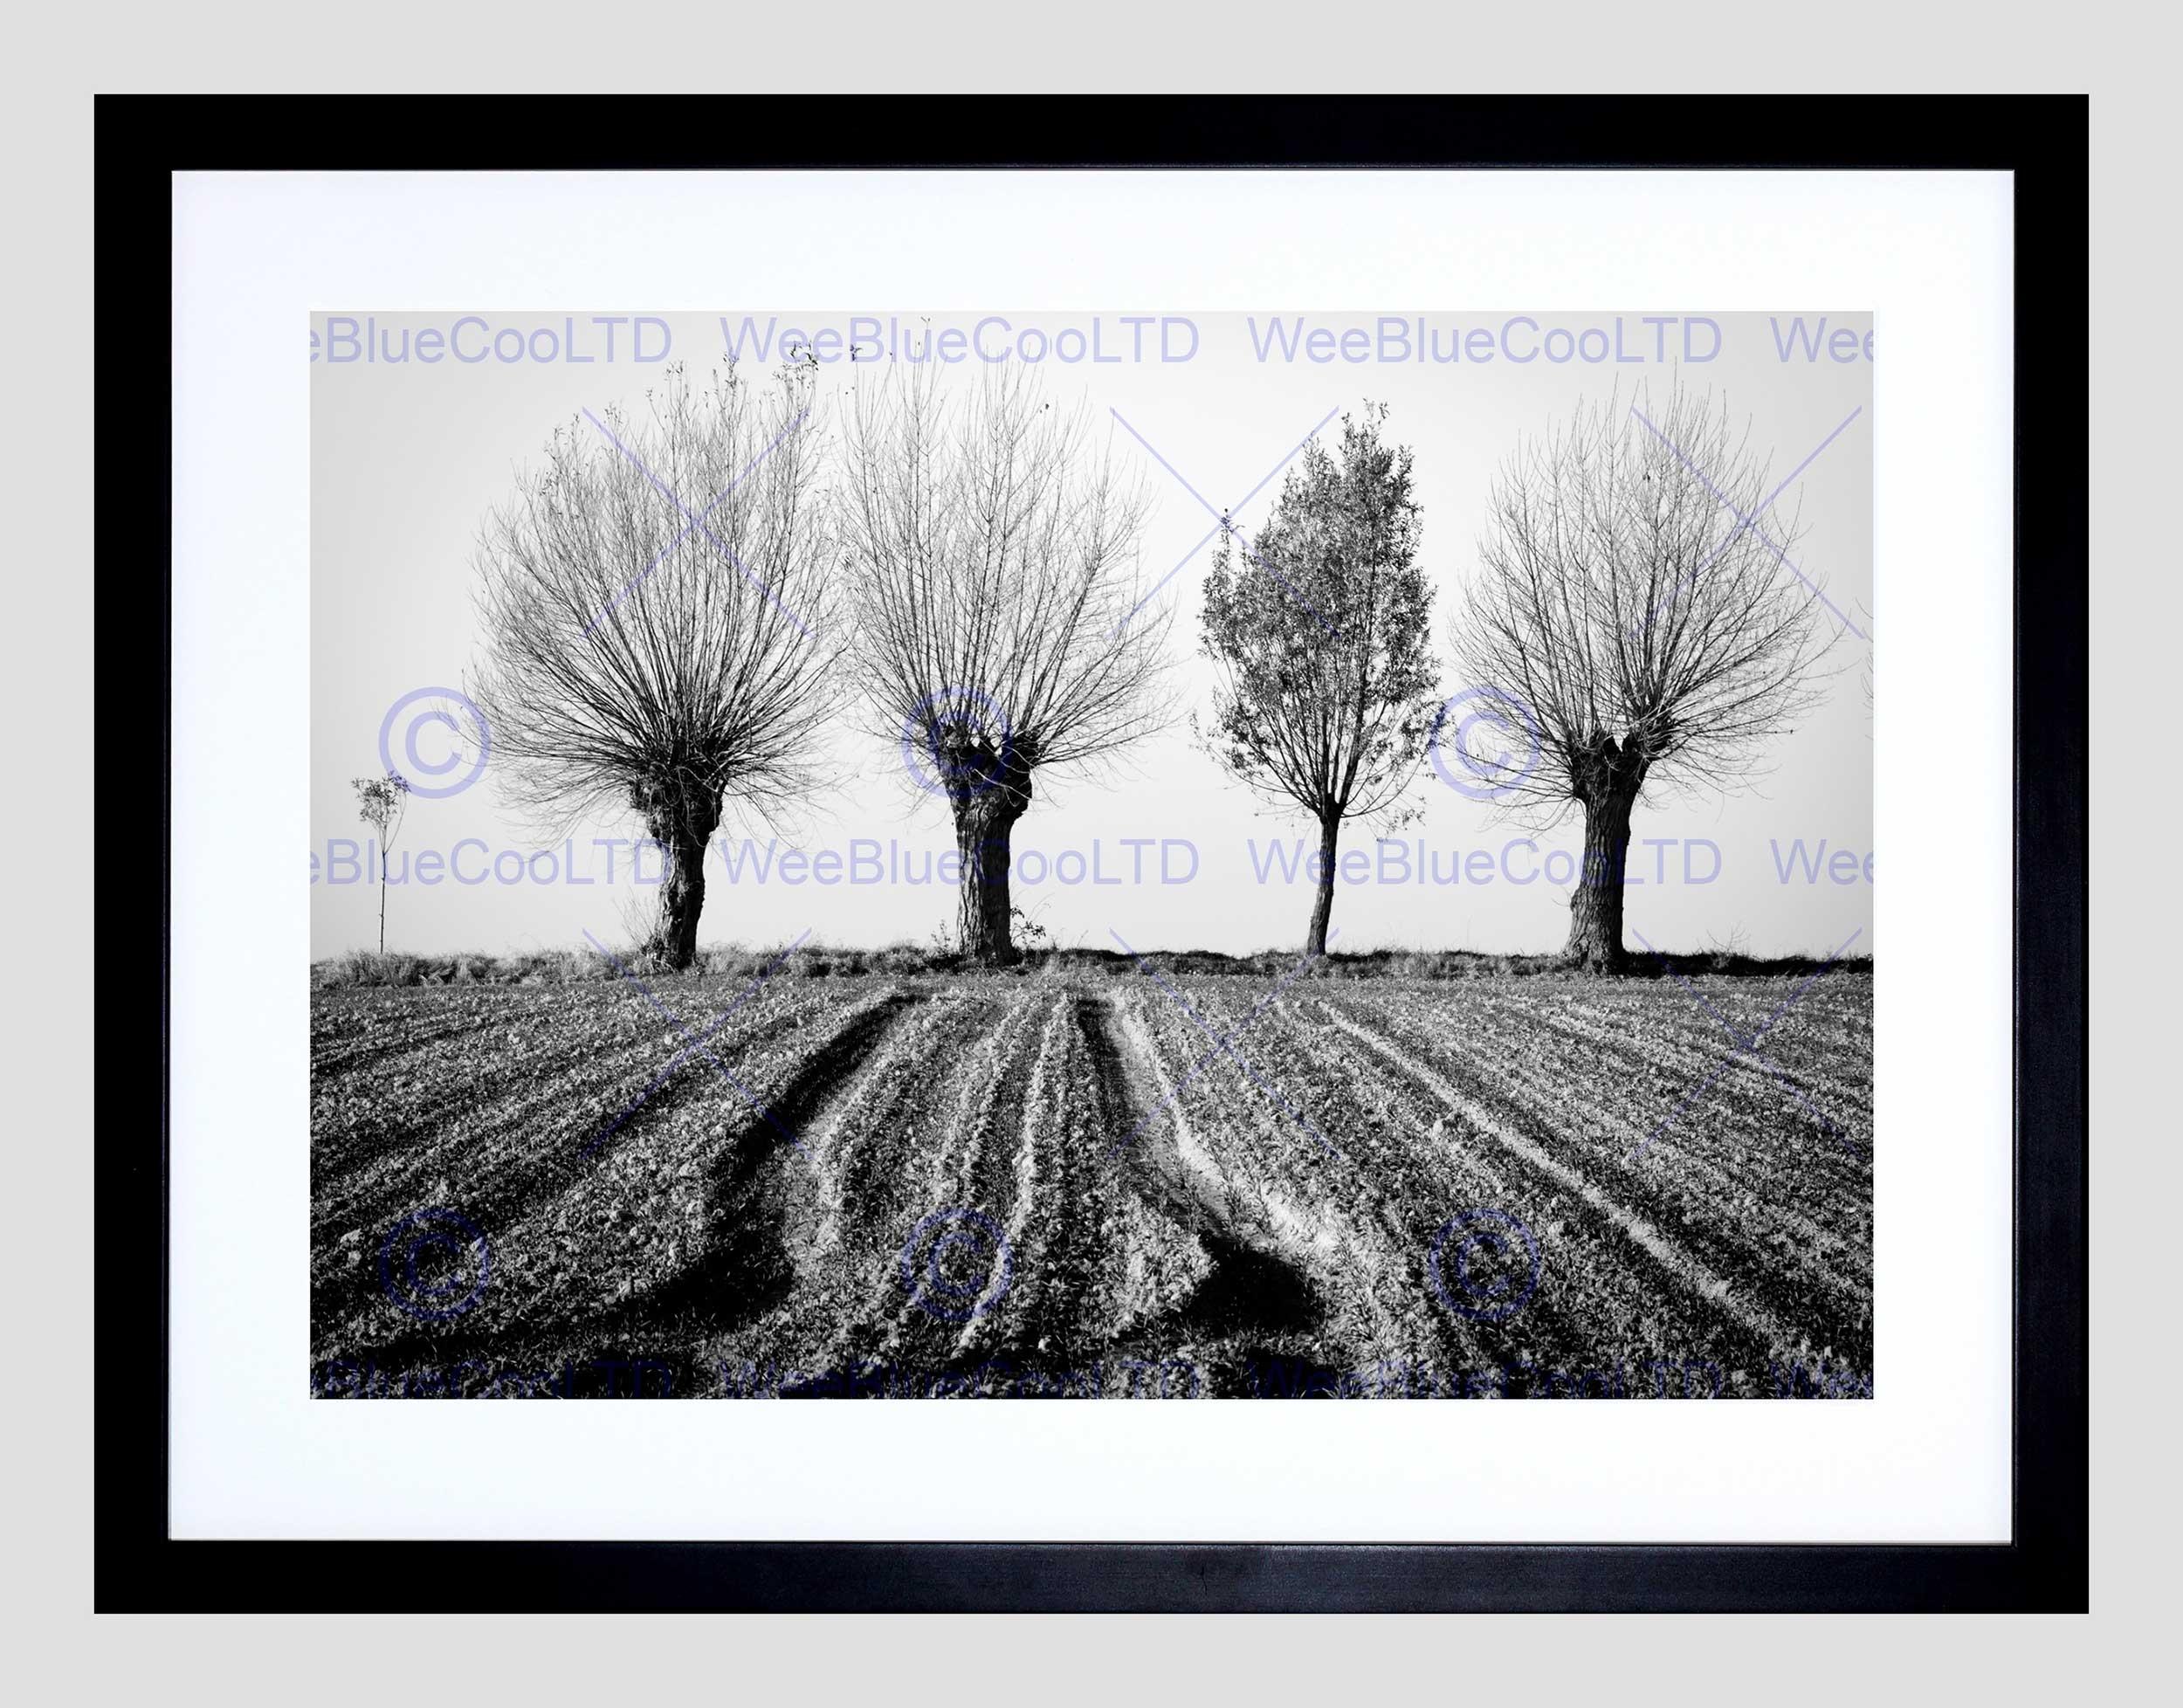 Trees Horizon Black White Black Frame Framed Art Print Picture Pertaining To 2017 Black Framed Art Prints (View 4 of 15)